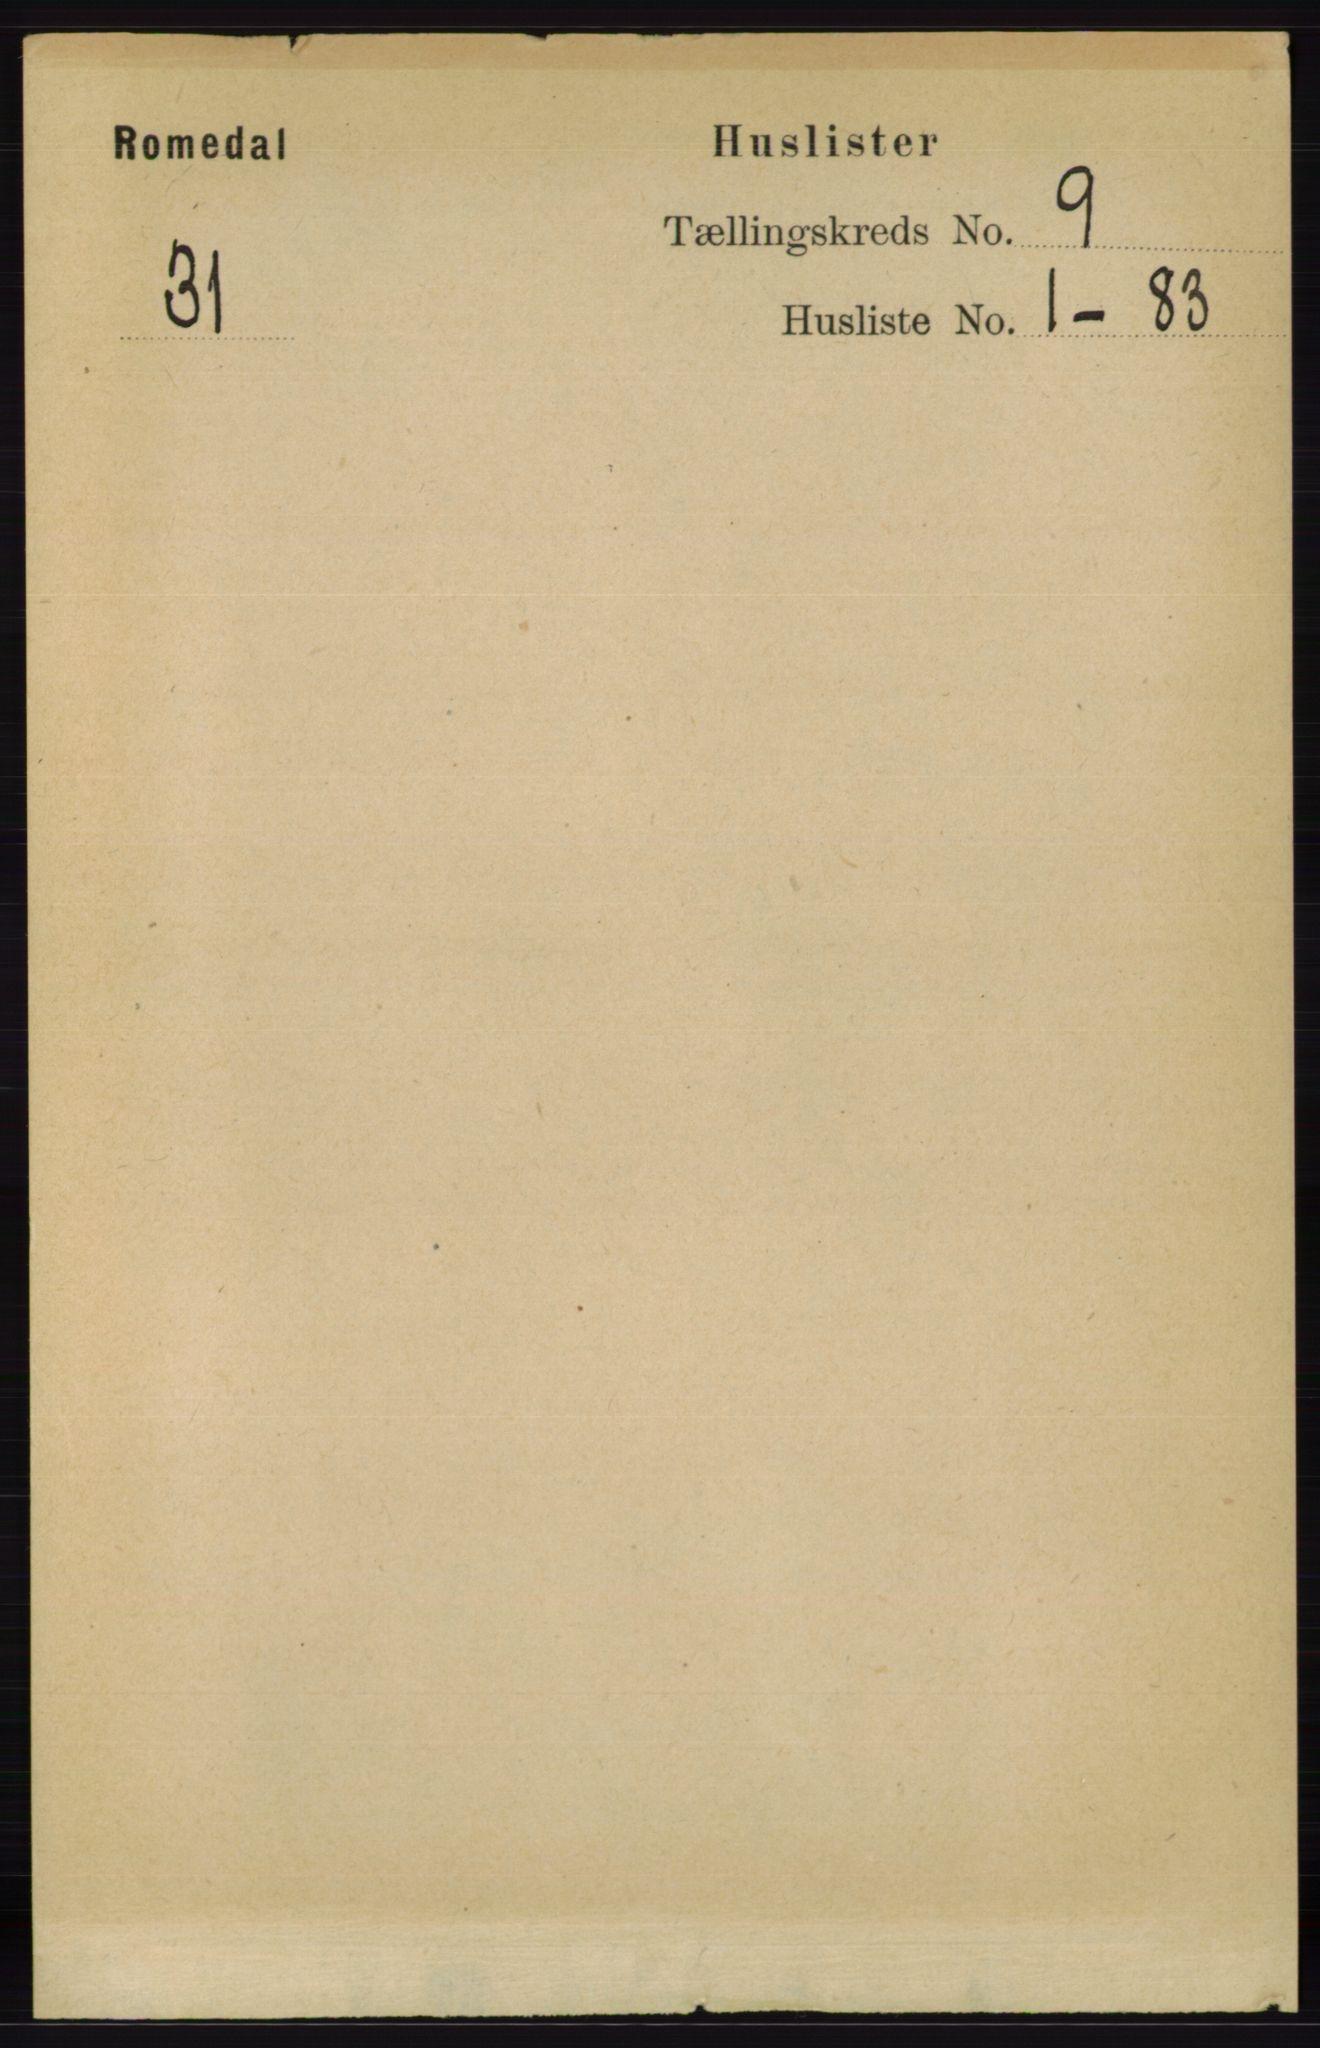 RA, Folketelling 1891 for 0416 Romedal herred, 1891, s. 4235